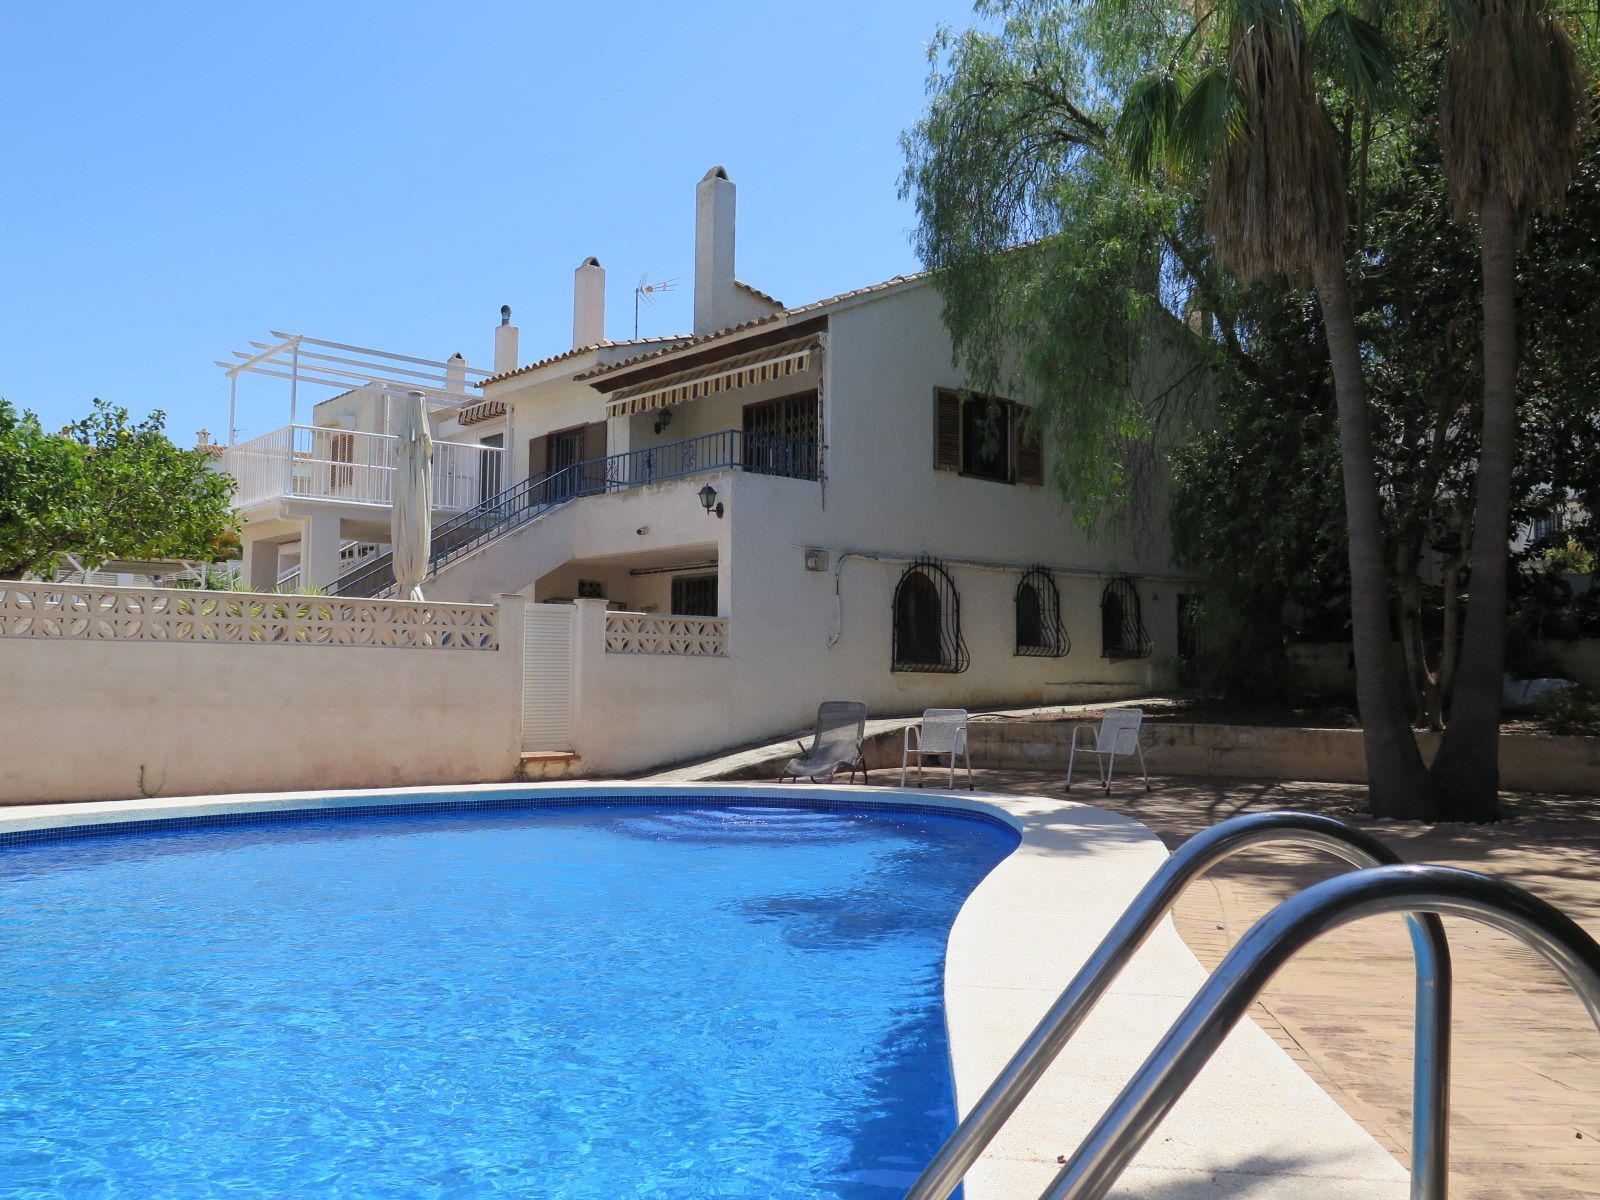 Casa adosada en El Albir / L'Albir, venta